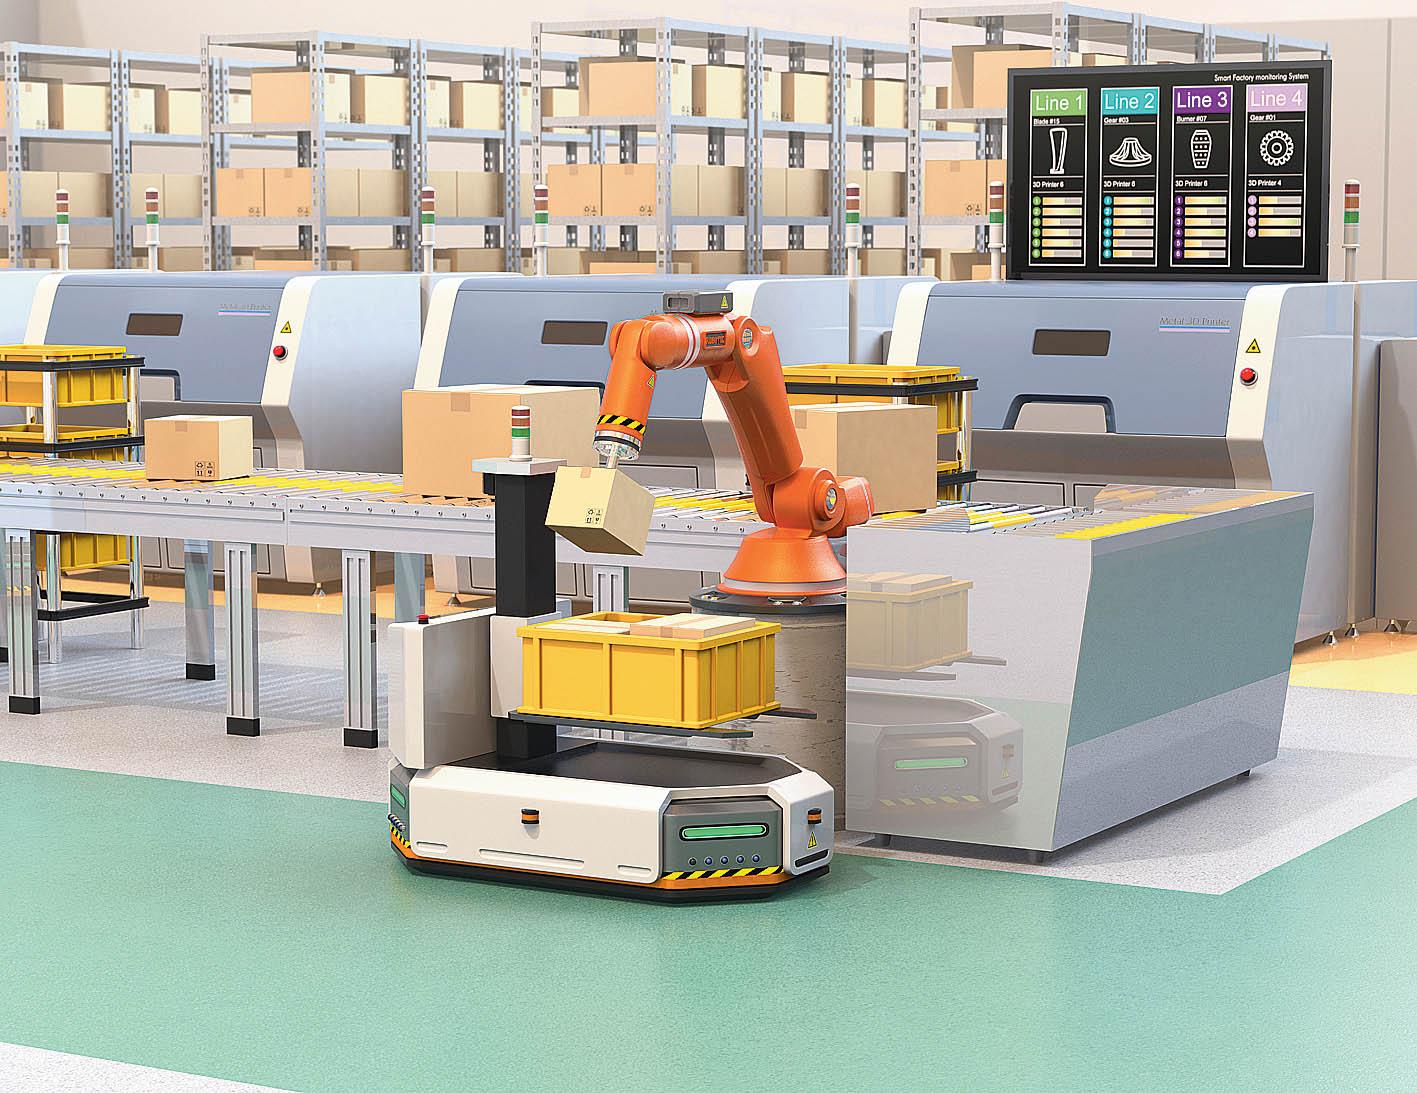 Jde to ibez lidí– automatizovaný vozík přiváží ze skladu přepravku svychystanými položkami, které odebírá robotická ruka apokládá je na pás.